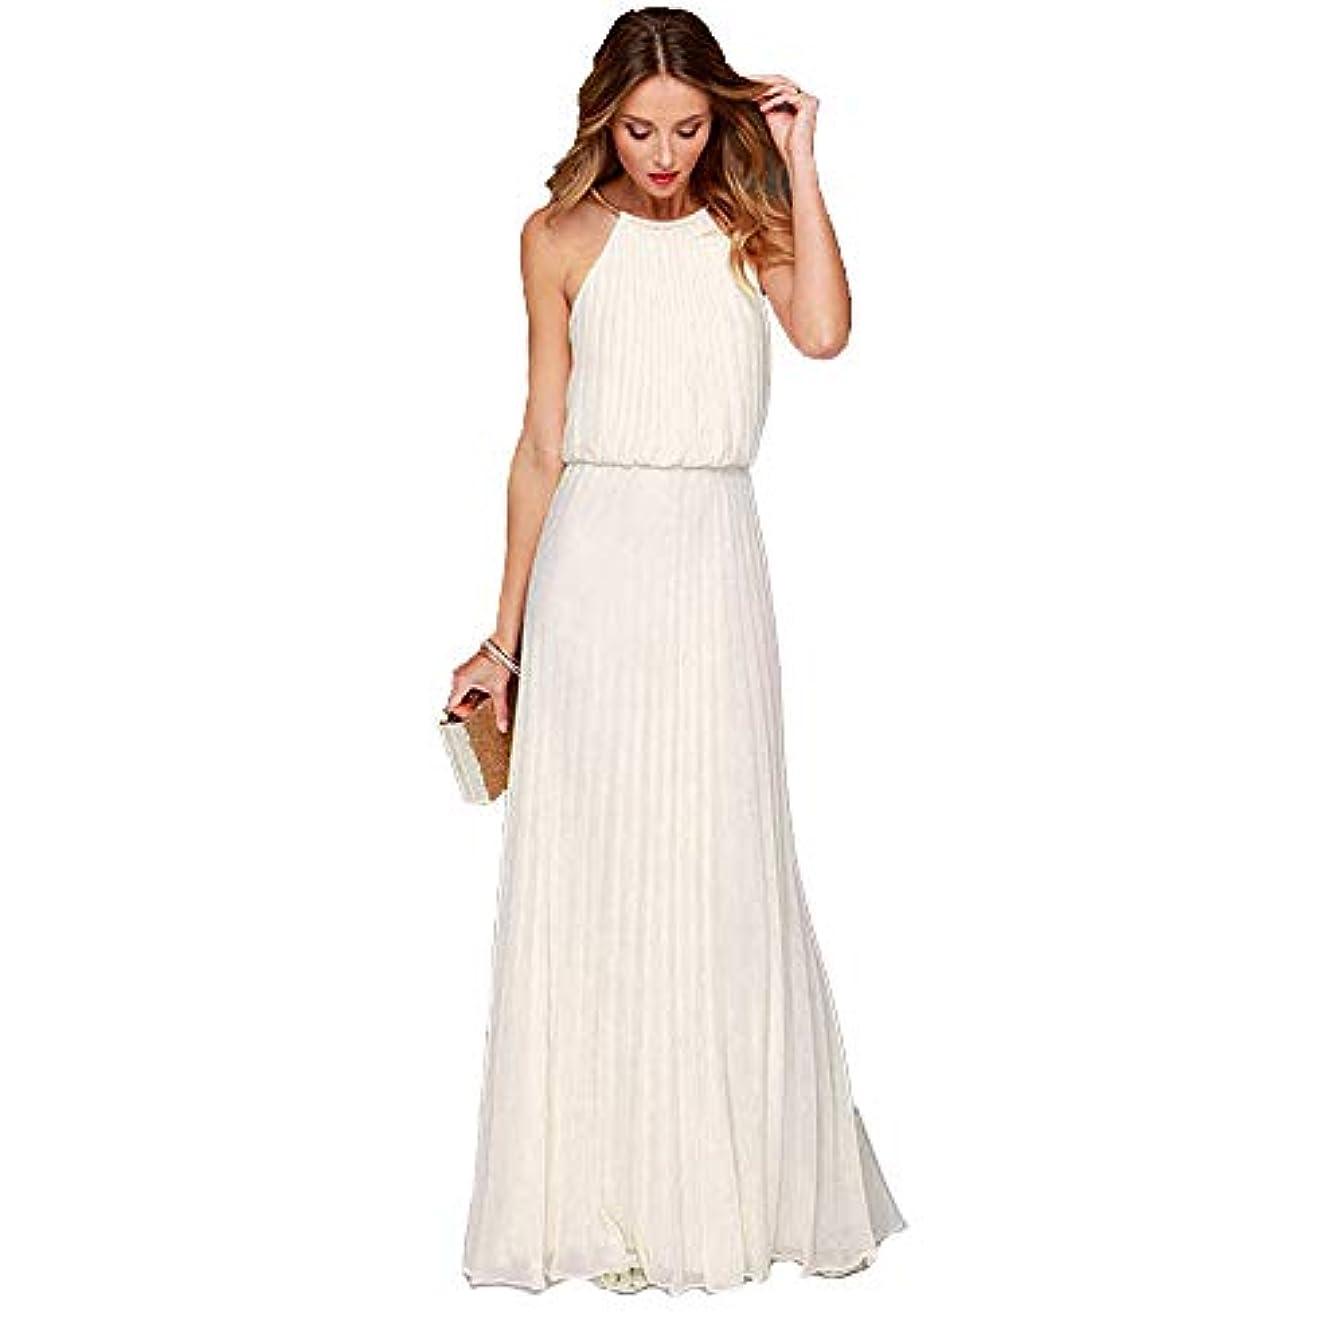 輝度期限切れイディオムMIFANロングドレス、セクシーなドレス、エレガント、女性のファッション、ノースリーブのドレス、ファッションドレス、ニット、スリム